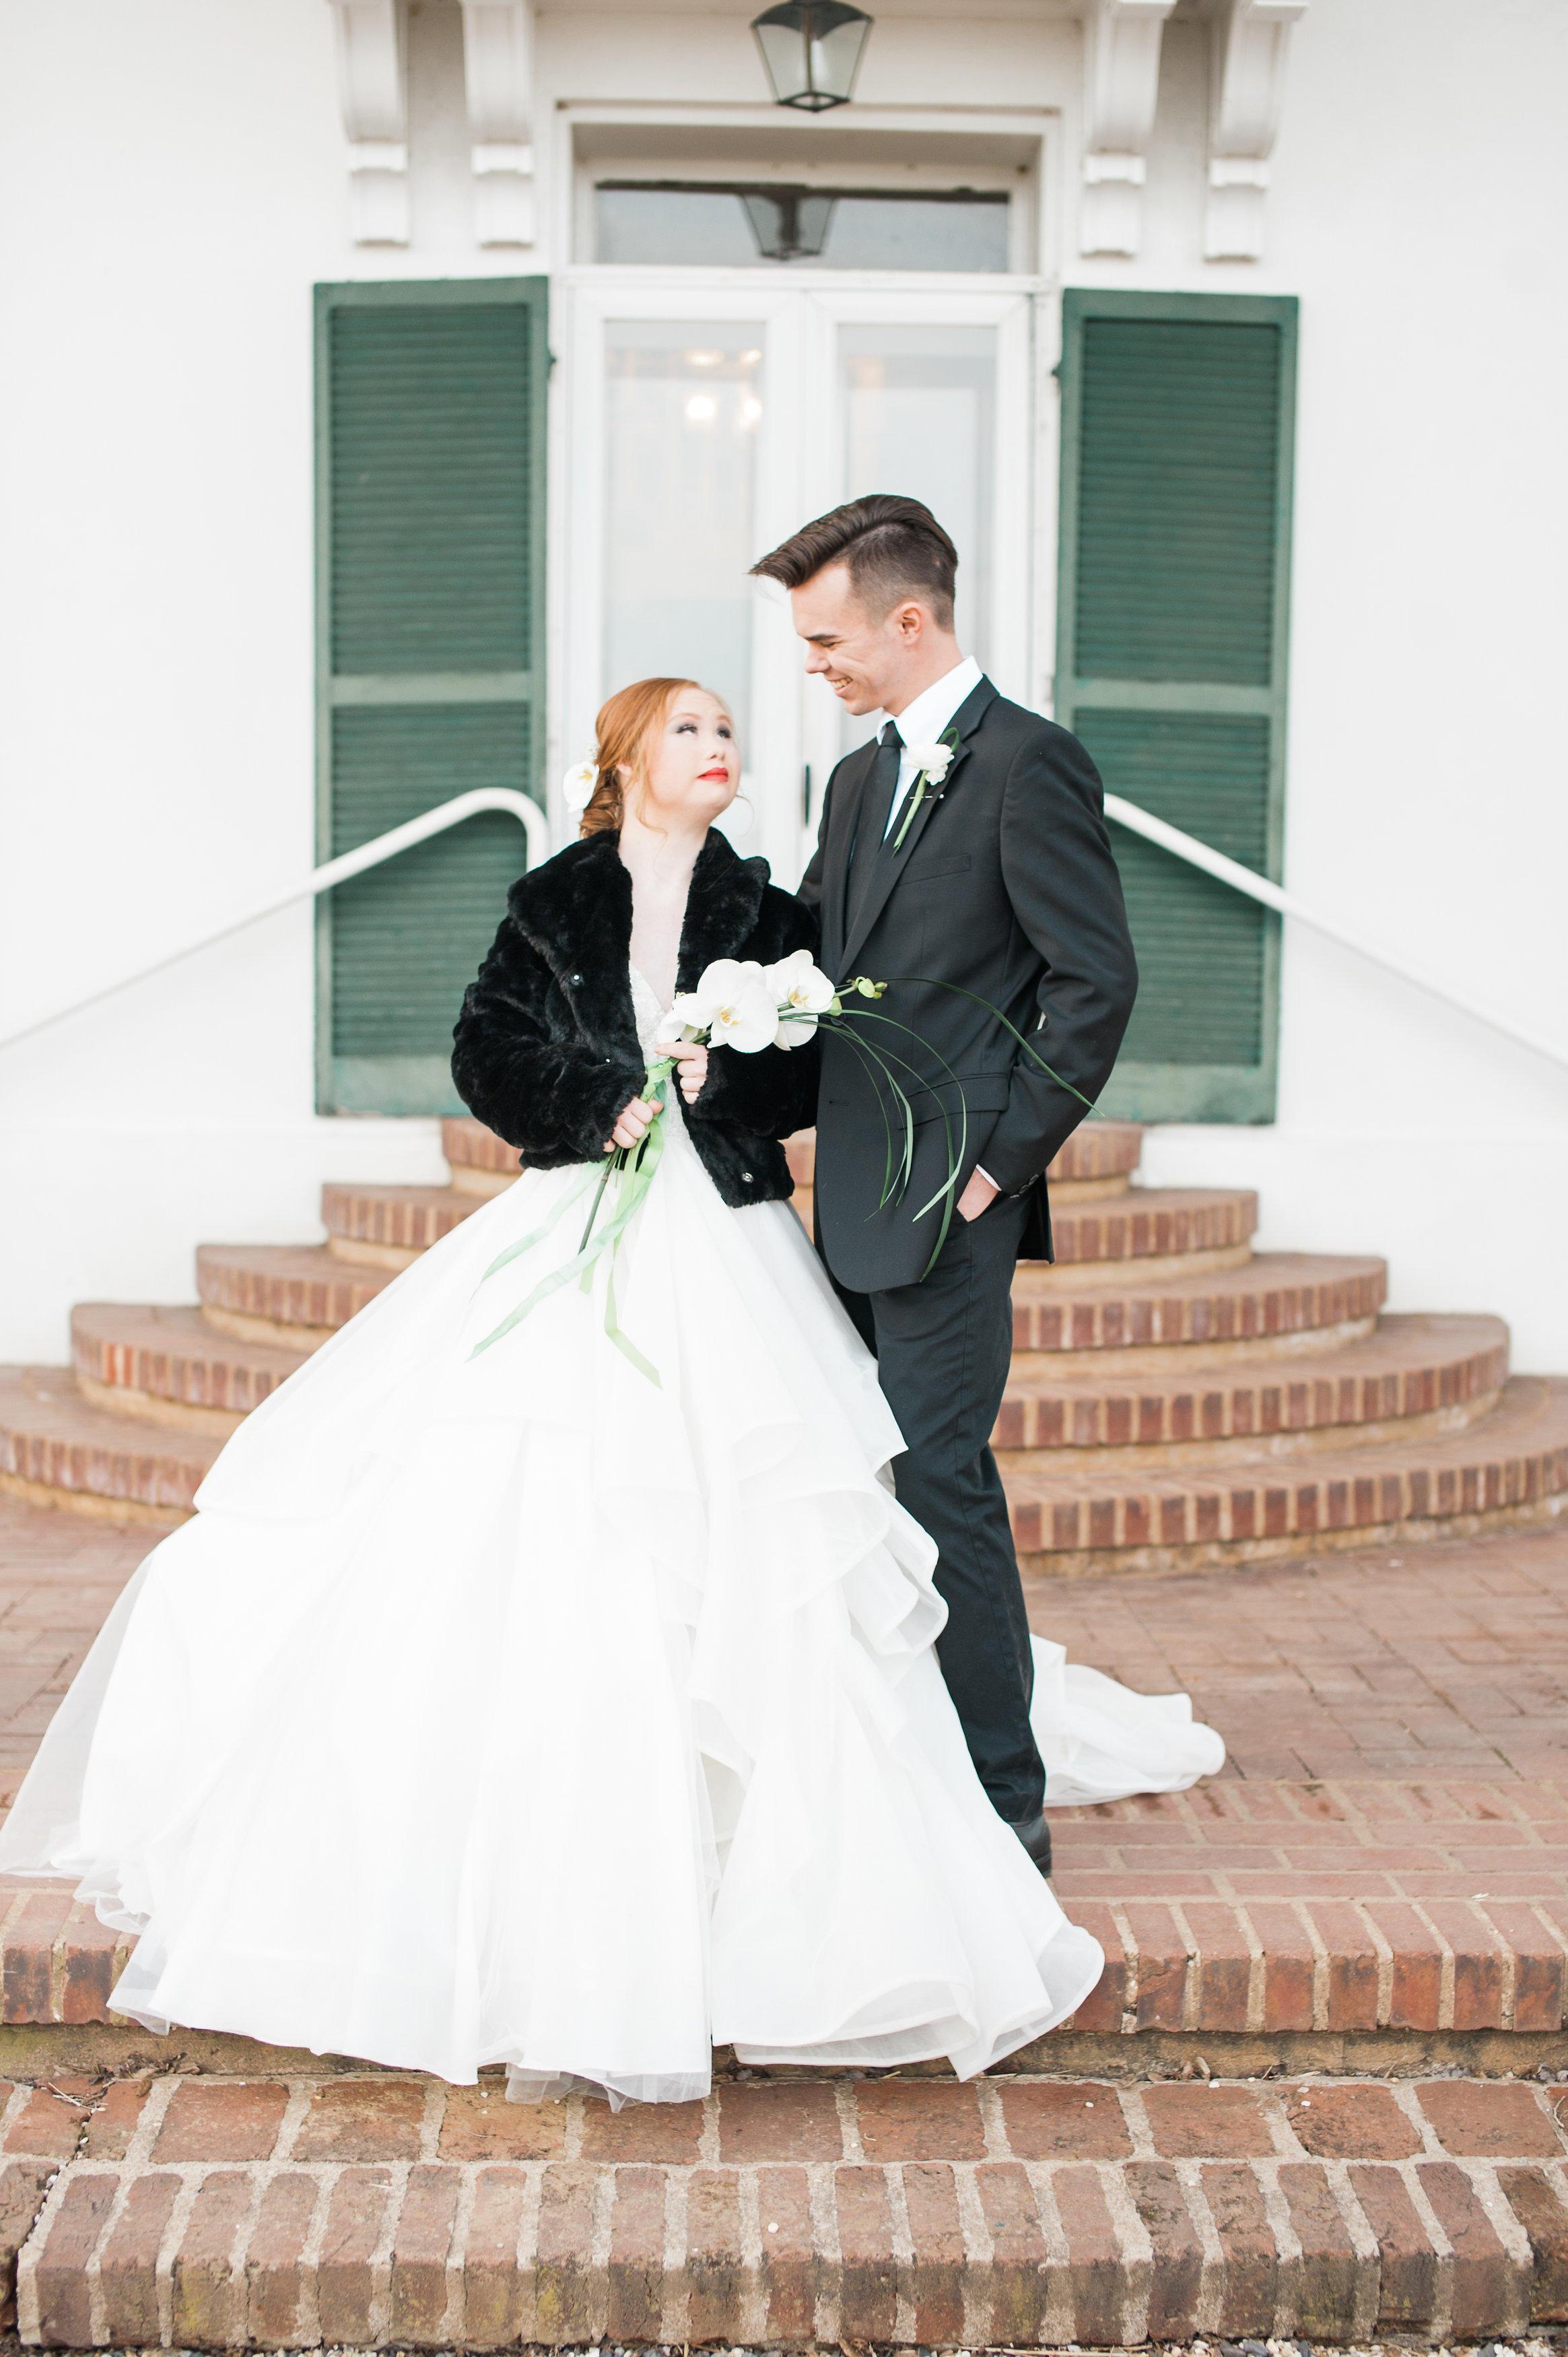 Die Braut ist begeistert